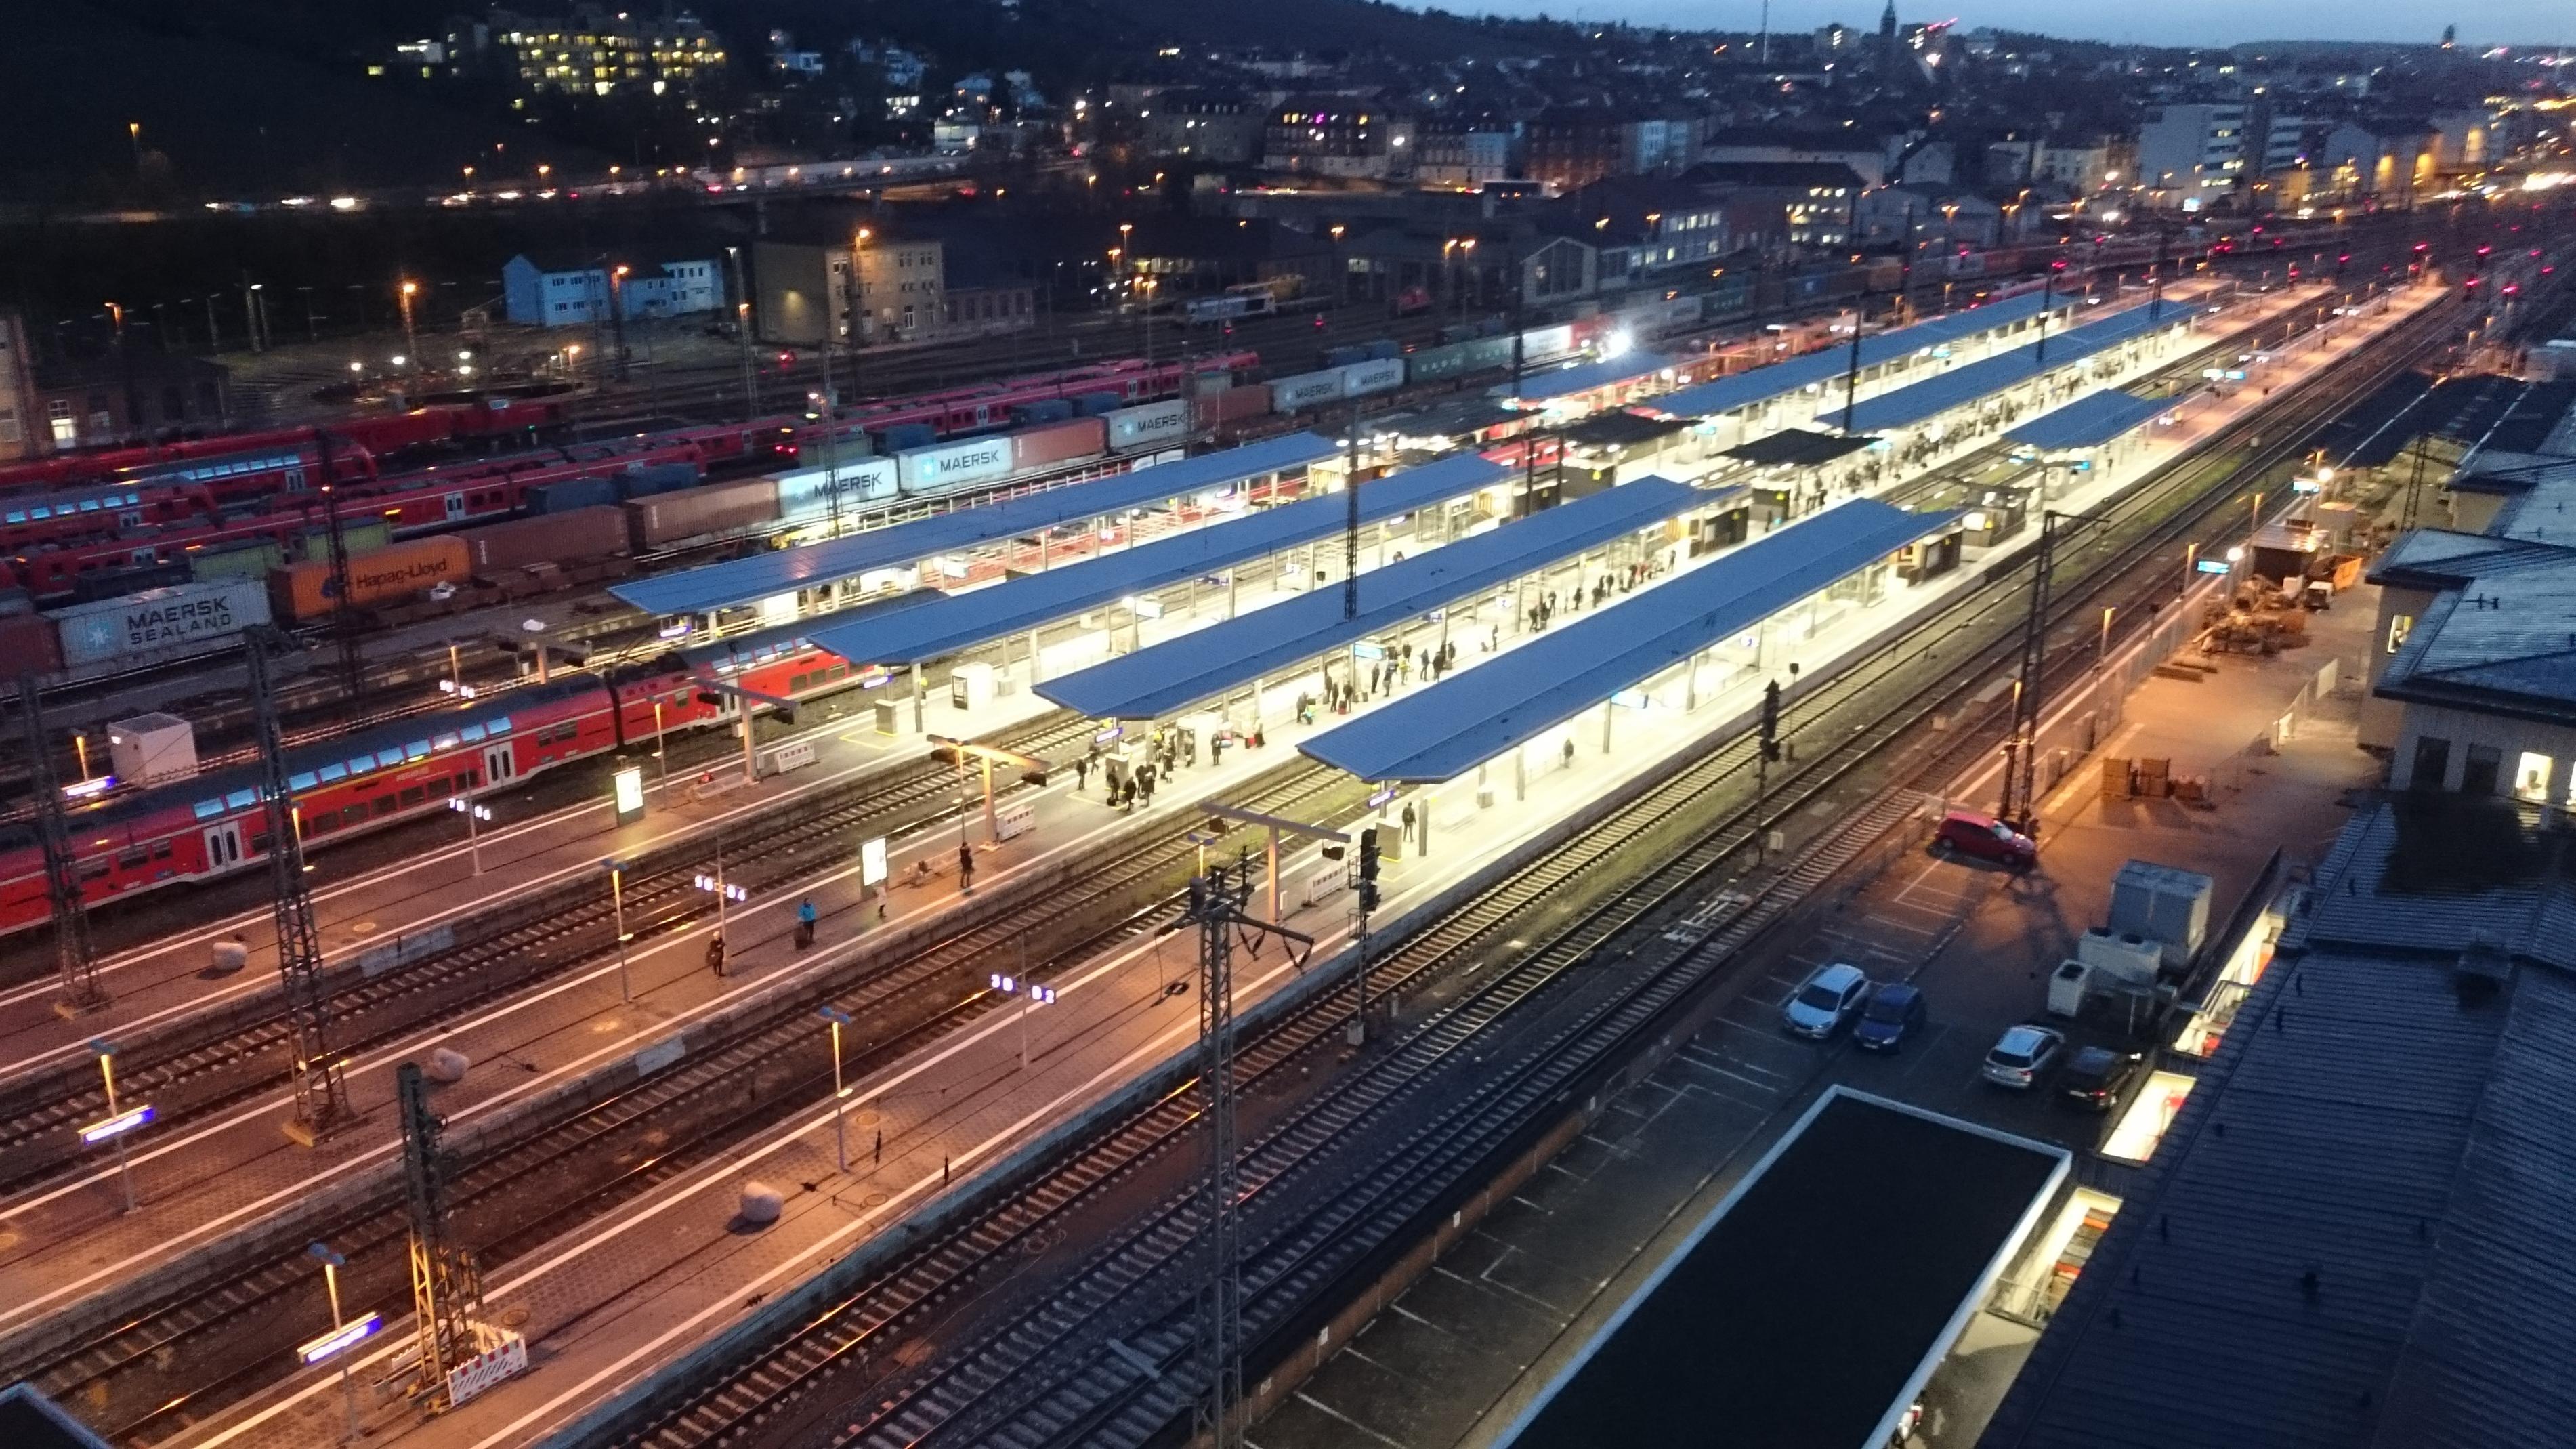 Kein Zug in Sicht am Würzburger Hauptbahnhof